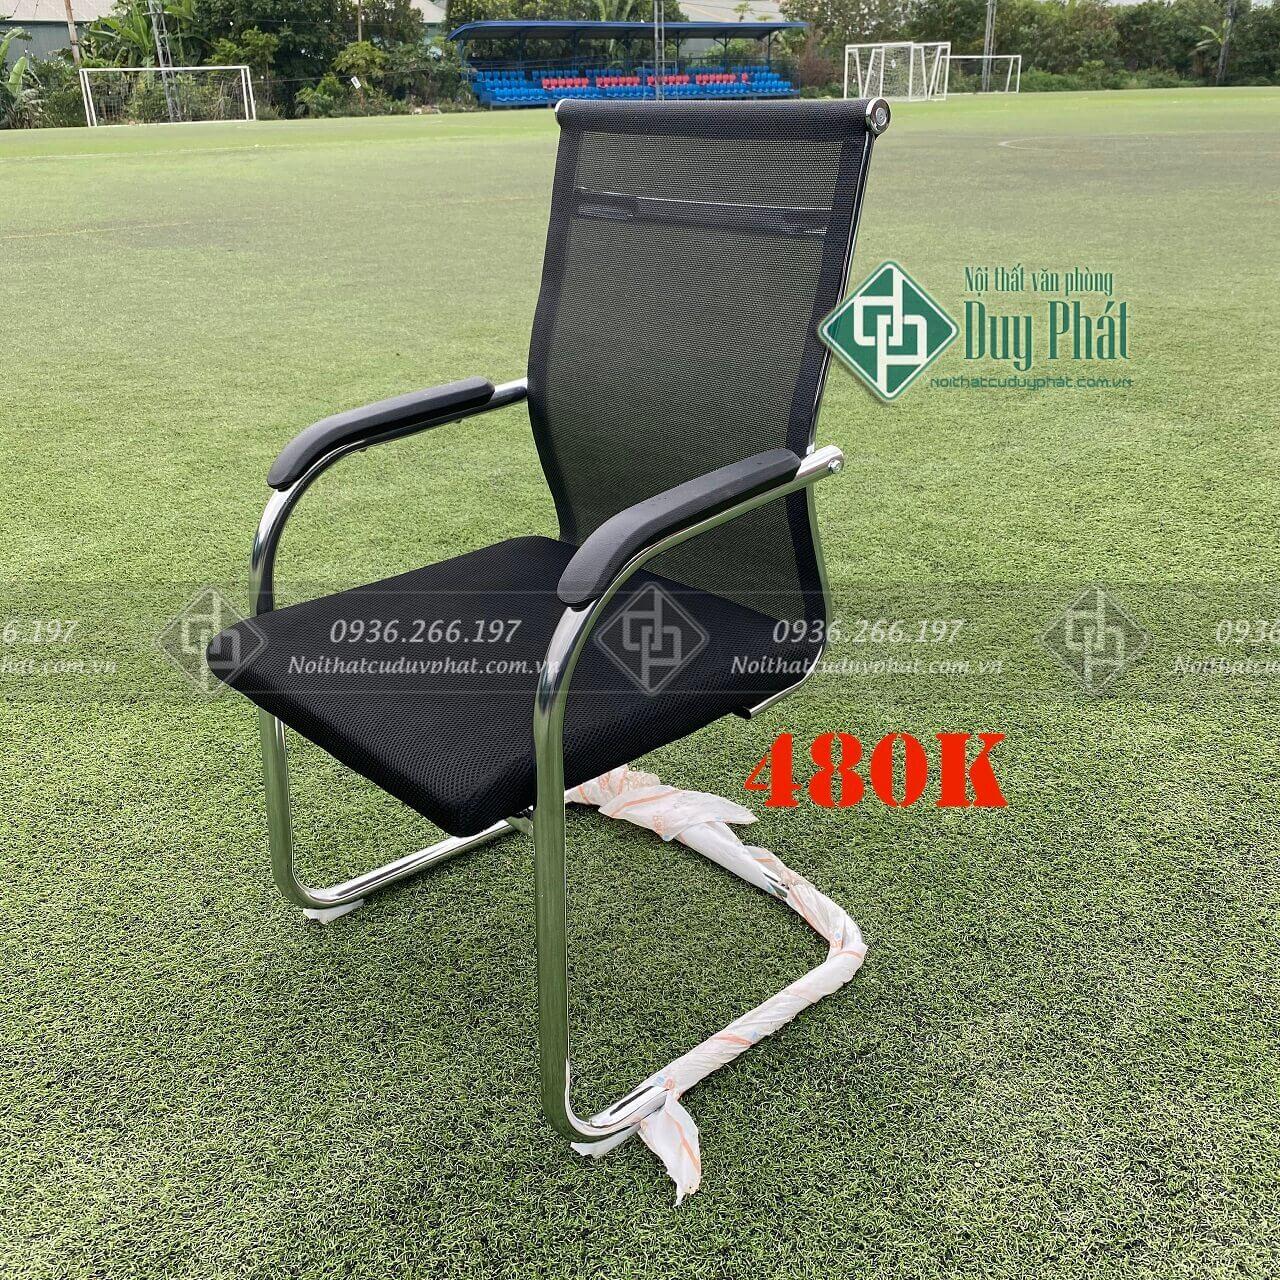 Thanh lý ghế chân quỳ Bắc Từ Liêm giá rẻ | Mẫu mới 100% - 289586